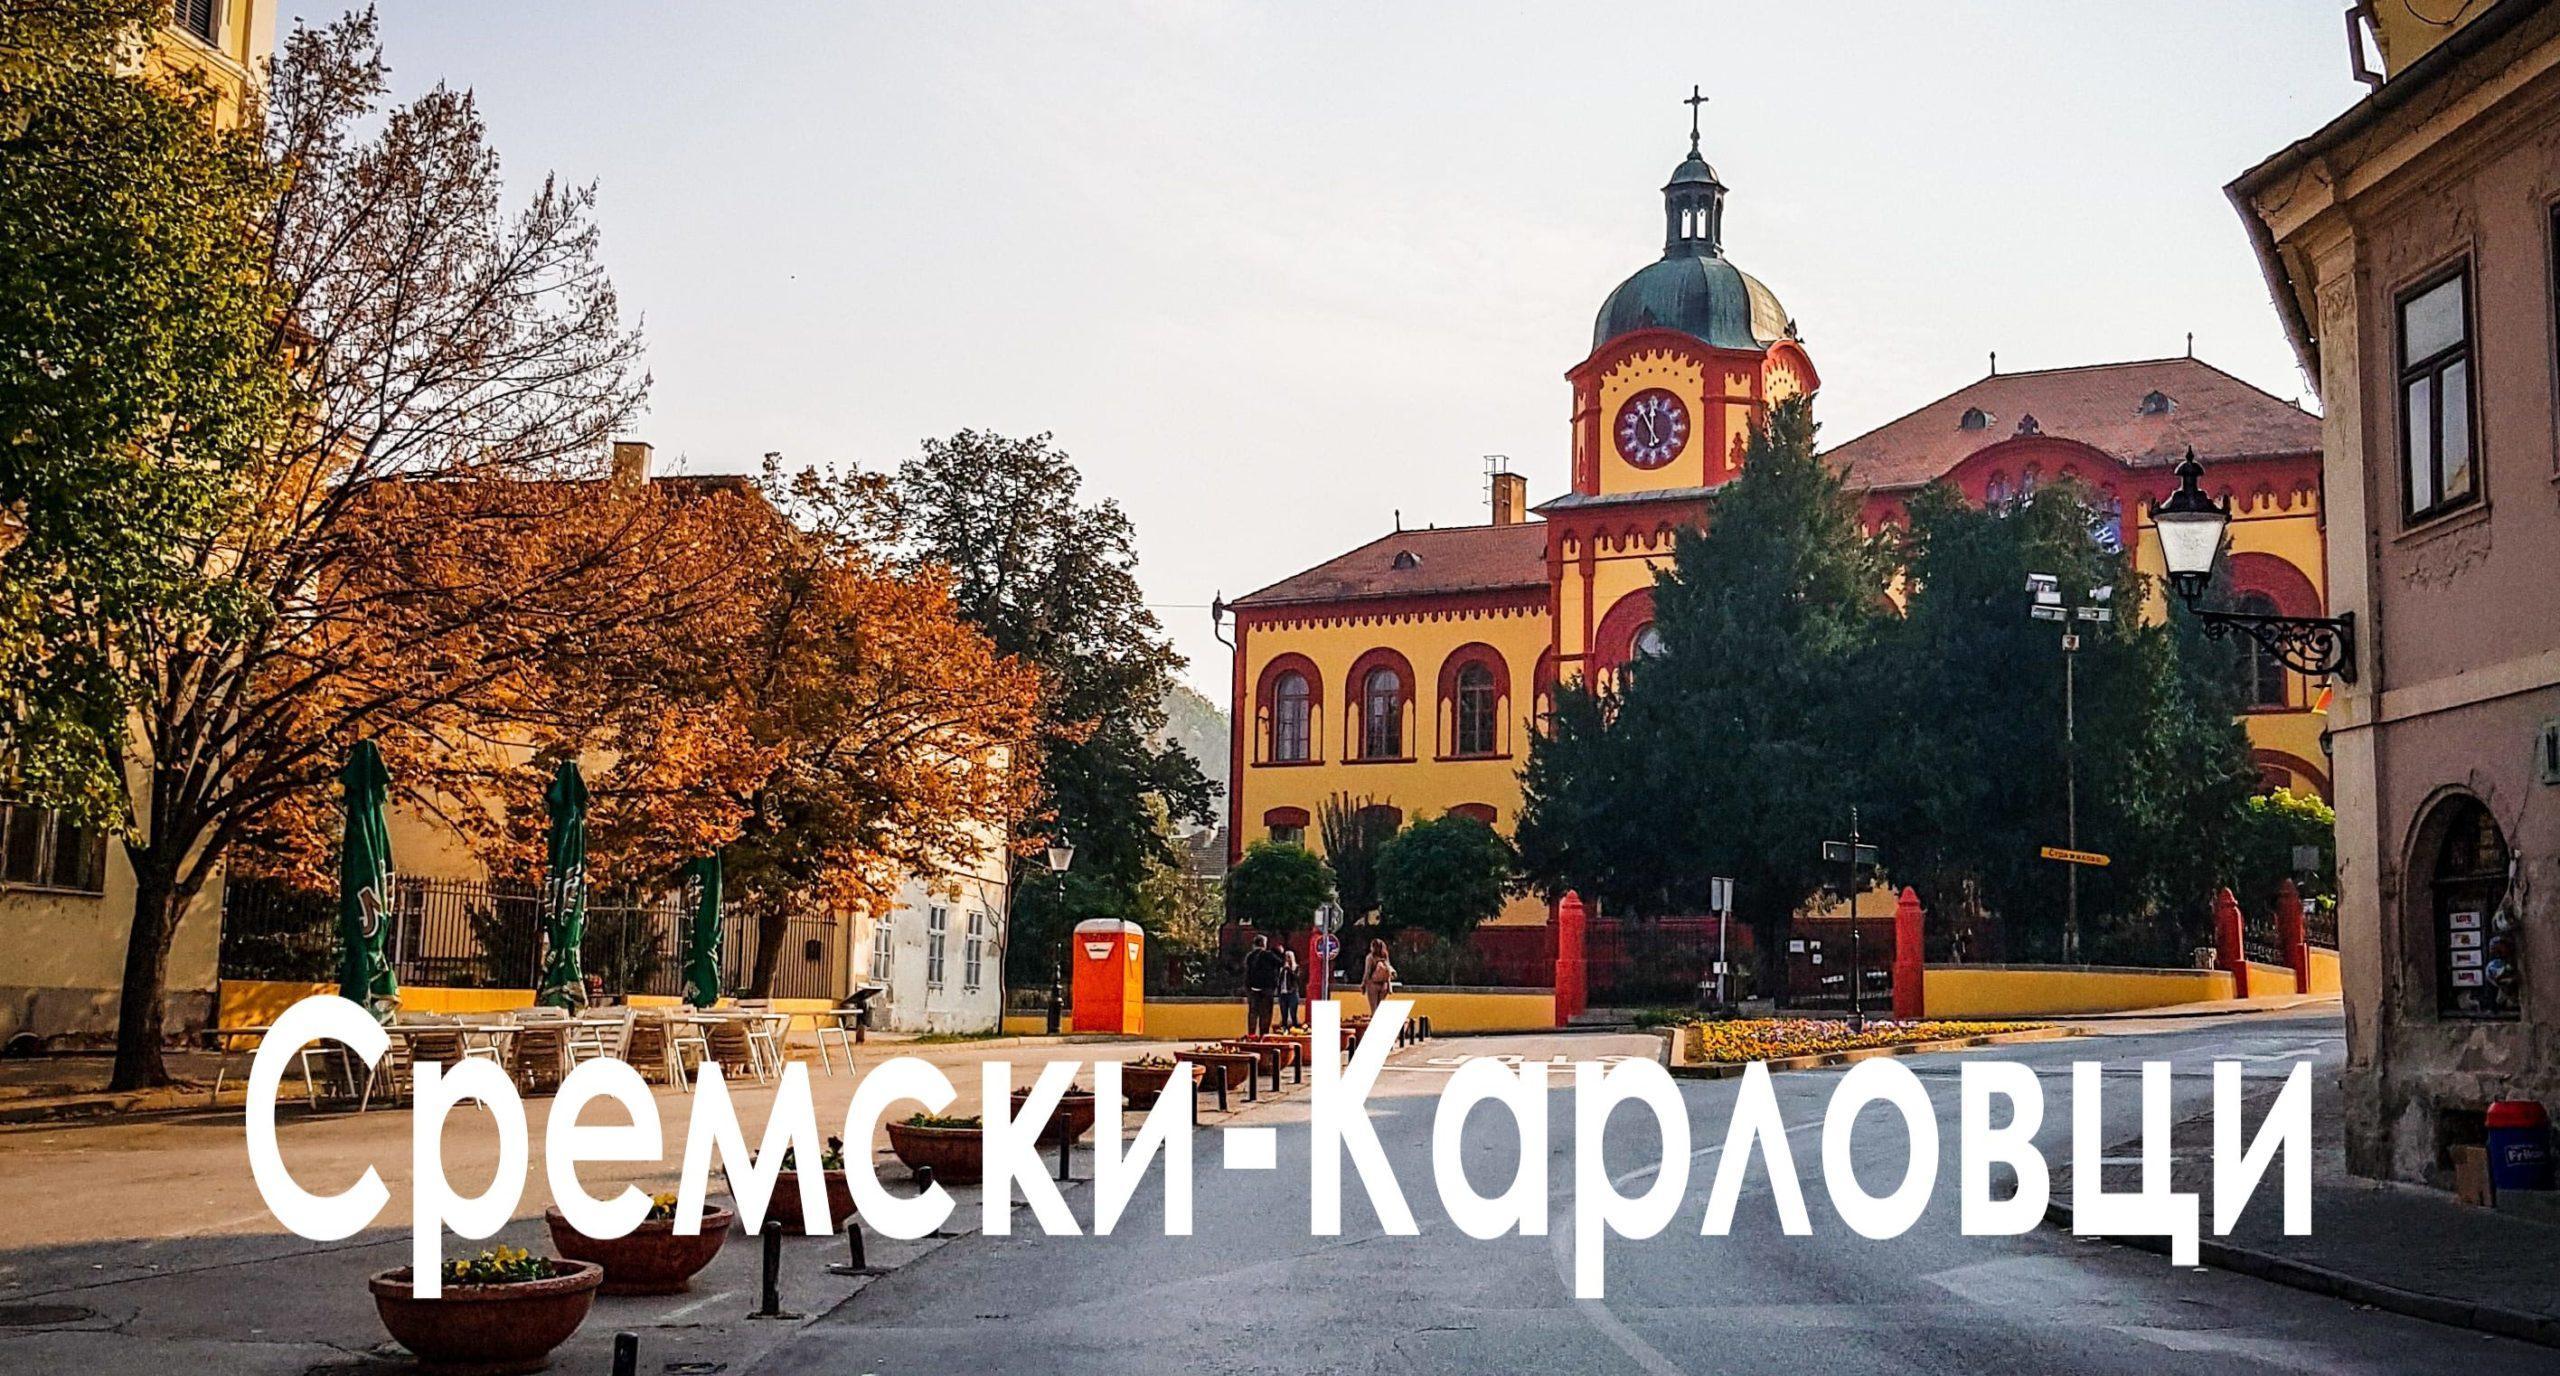 Для путешественника, который устал от толп туристов или суеты больших городов, в Сербии есть идеальное место, где легко спрятаться – это Семски-Карловци